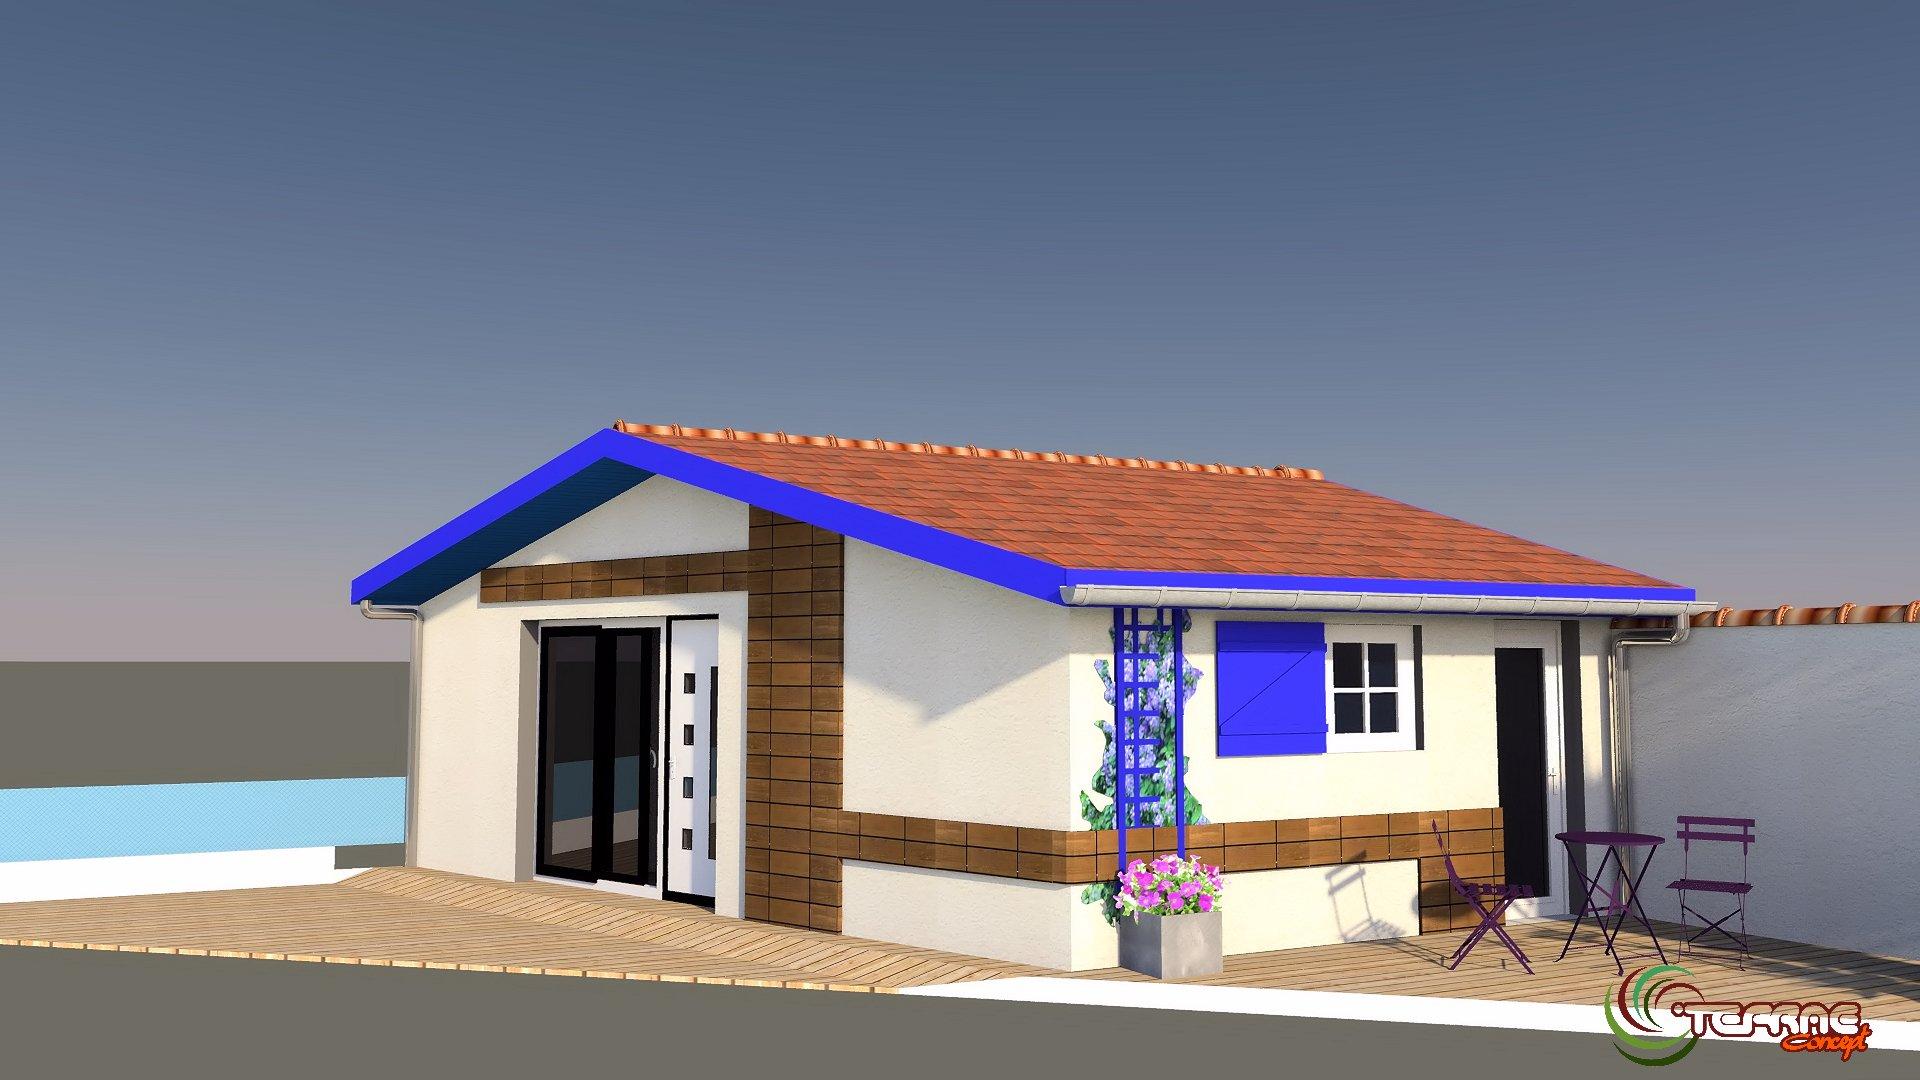 Image maison 3d permis de construire plan maison 3d agence for Construire maison 3d